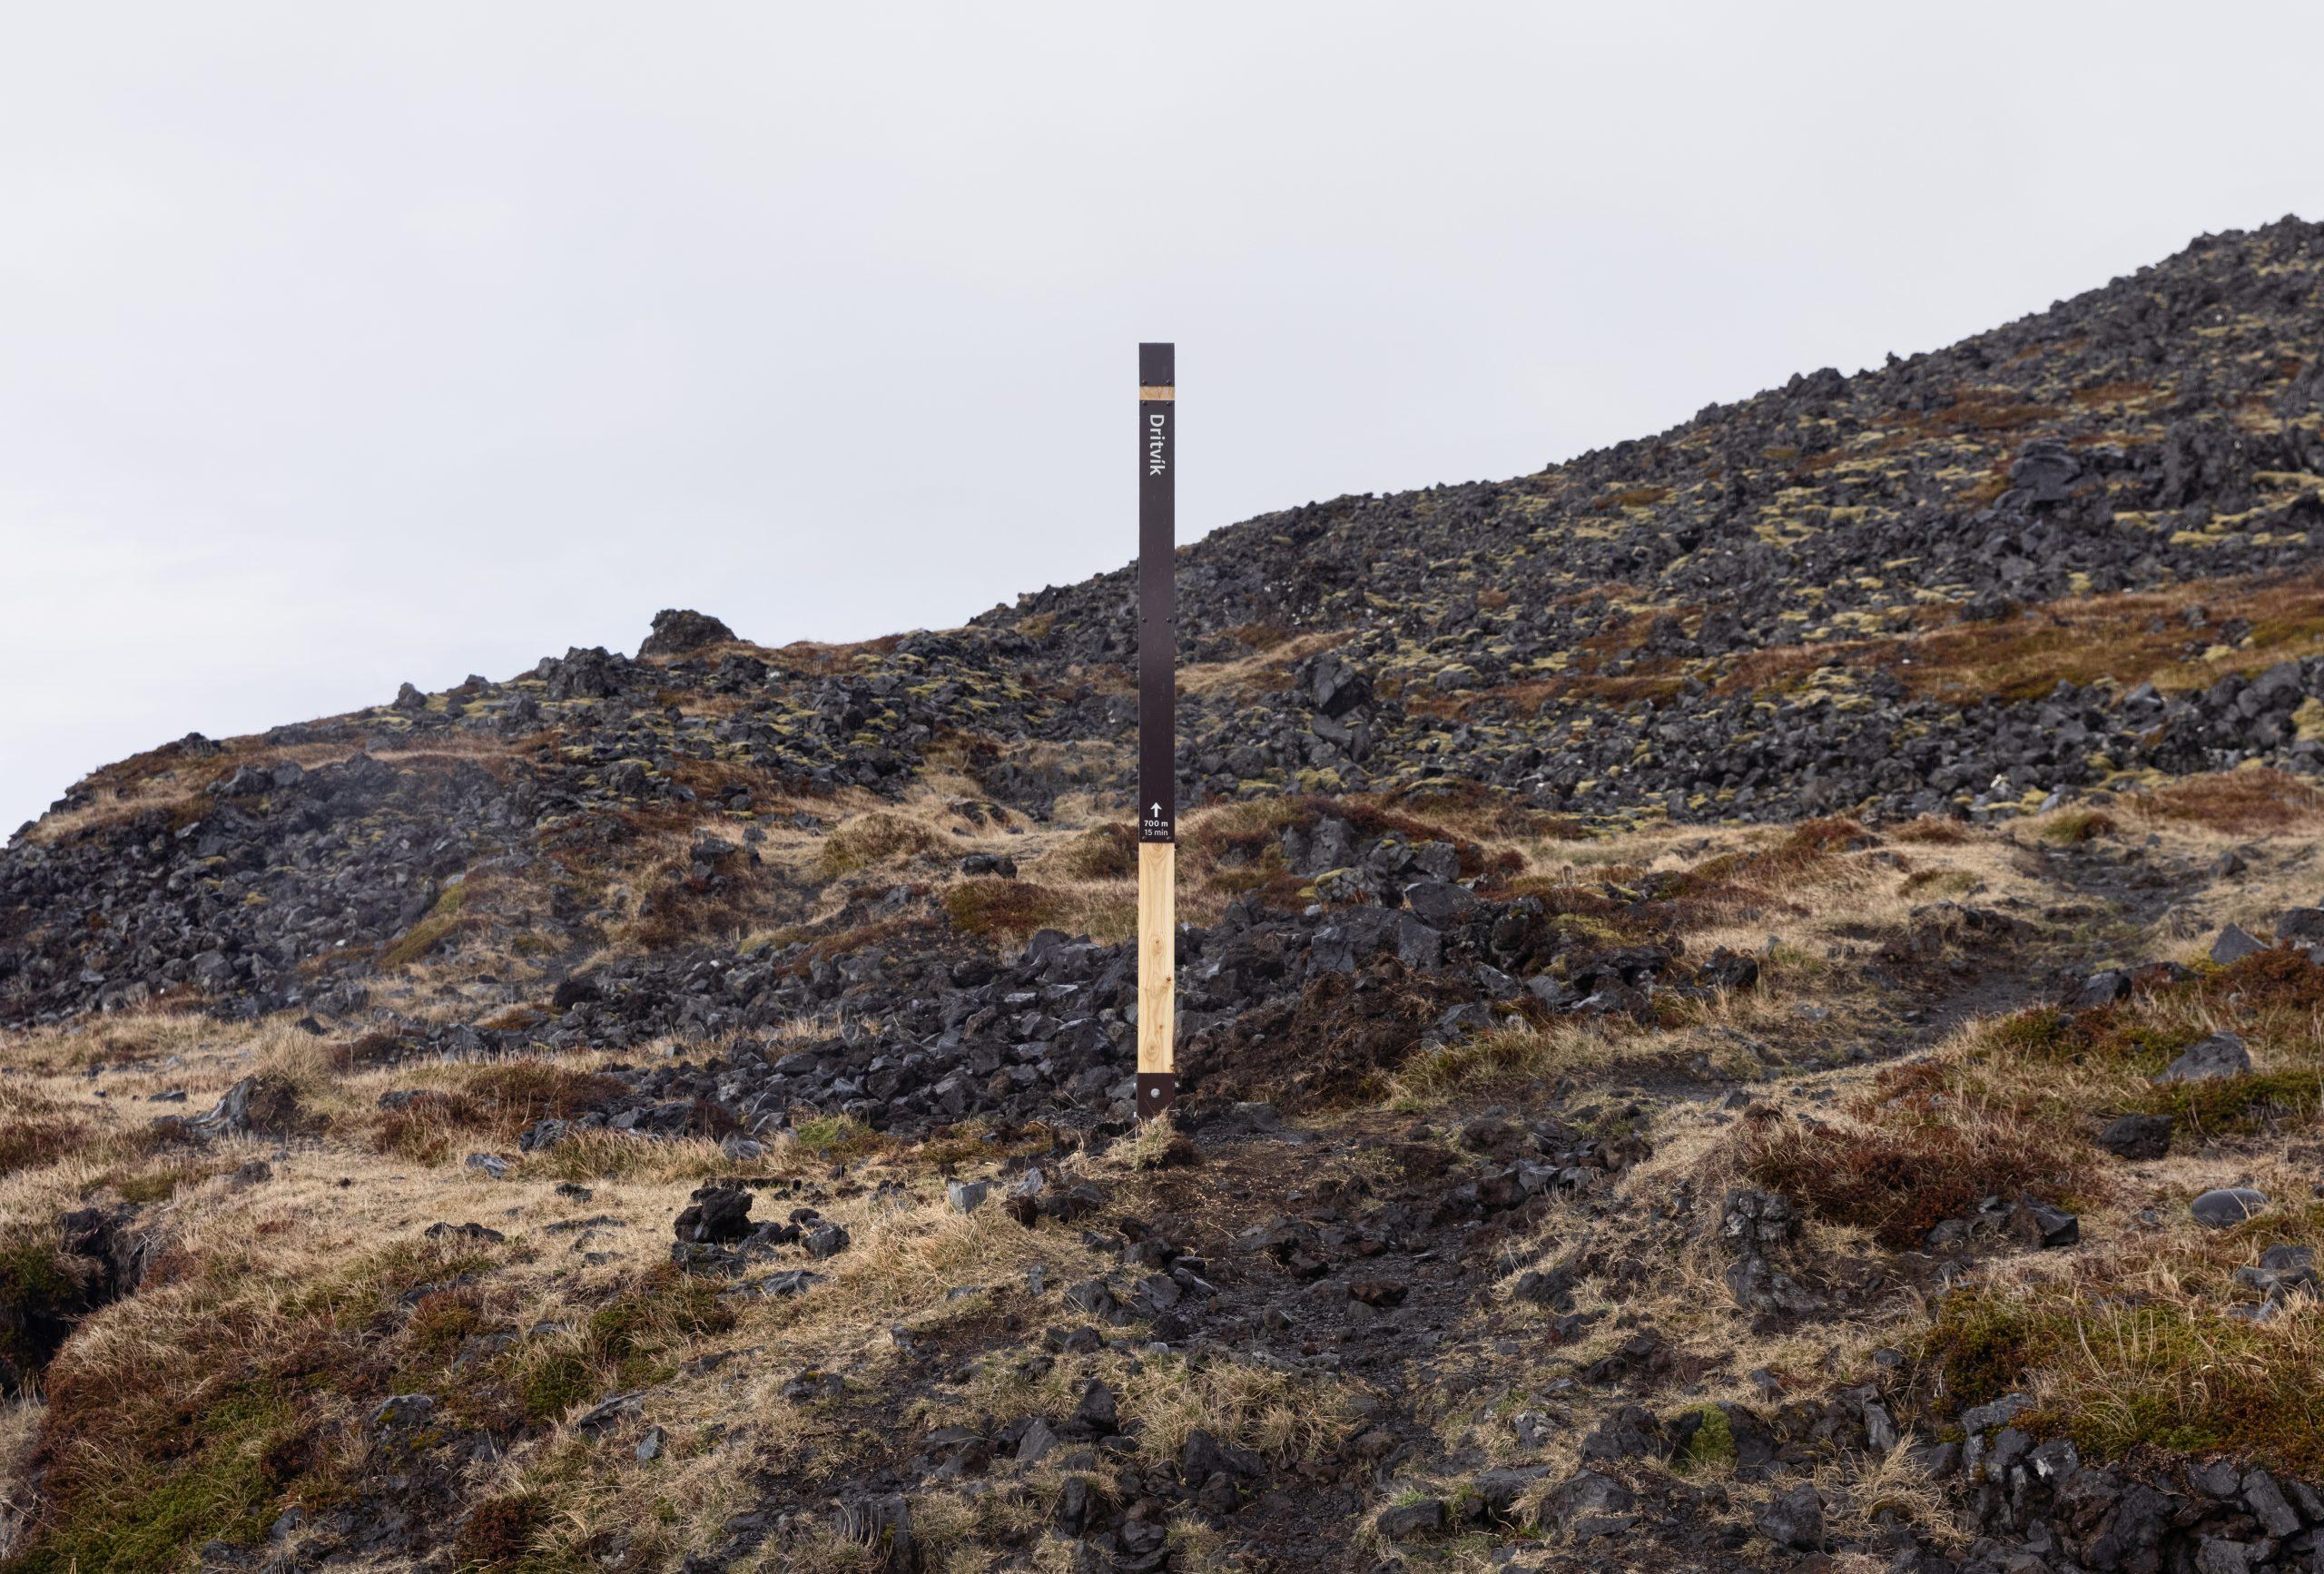 Vegviti við upphaf gönguleiðar.